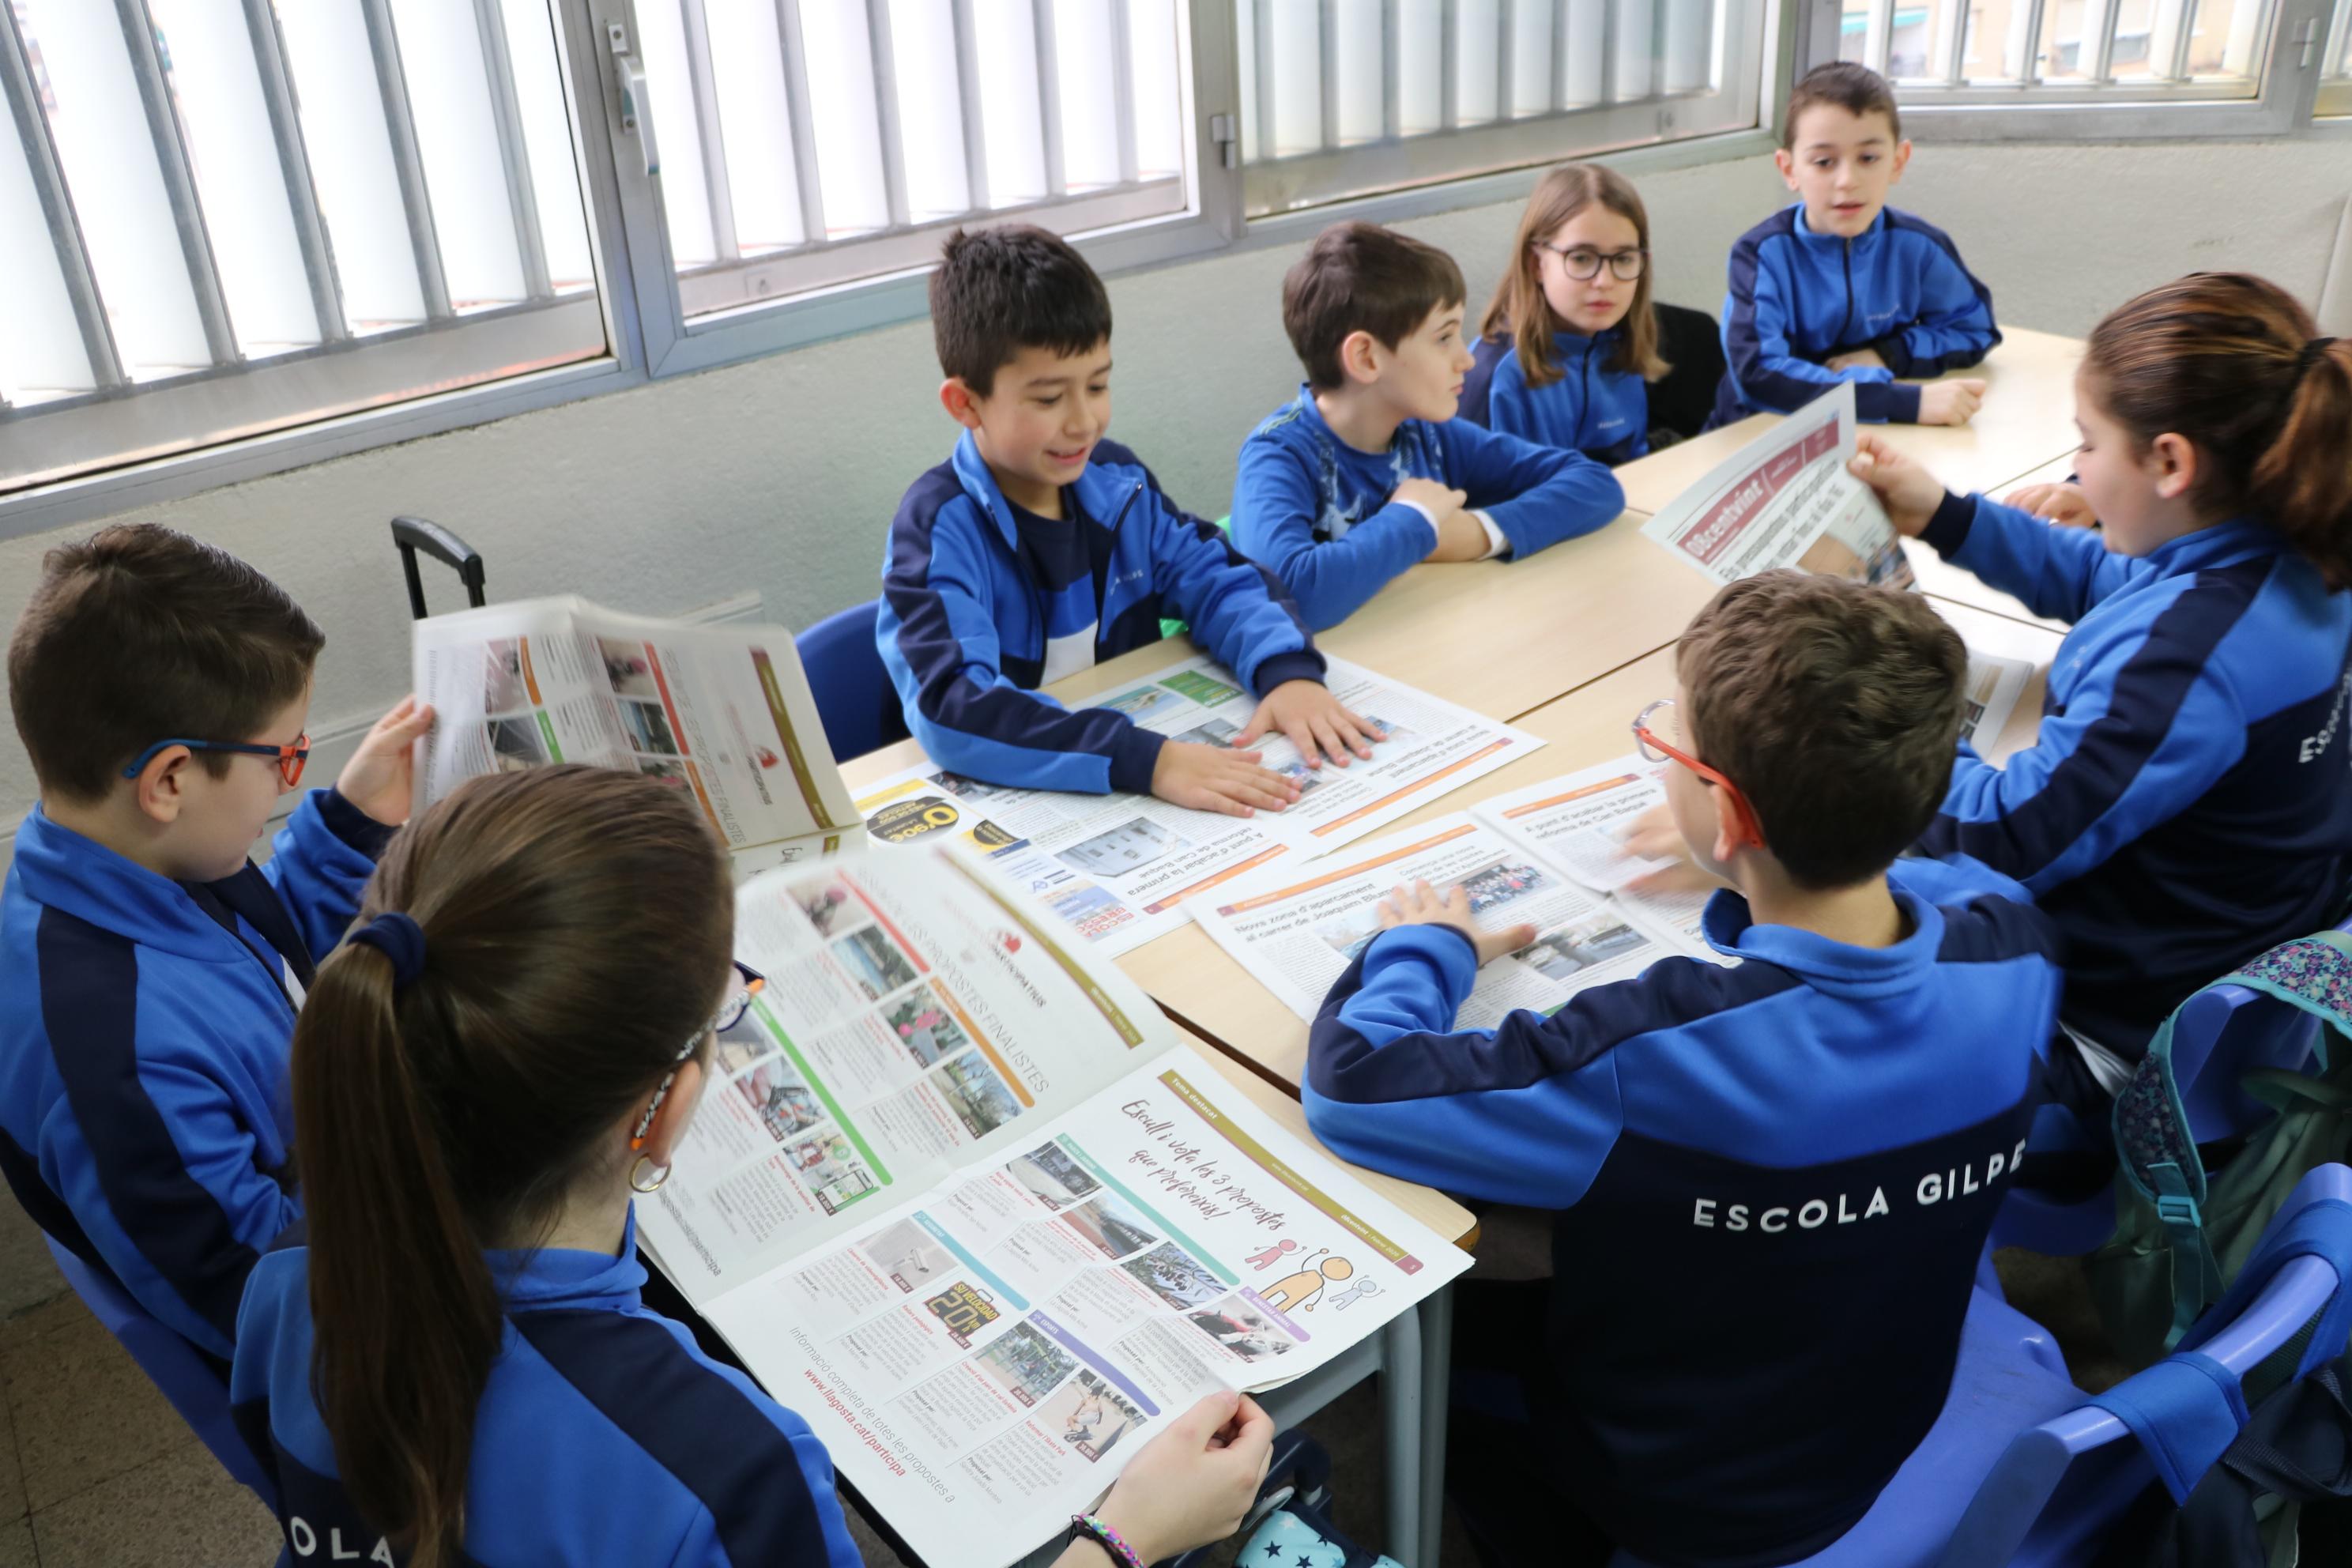 L'alcalde visita l'alumnat de quart de Primària de l'Escola Gilpe